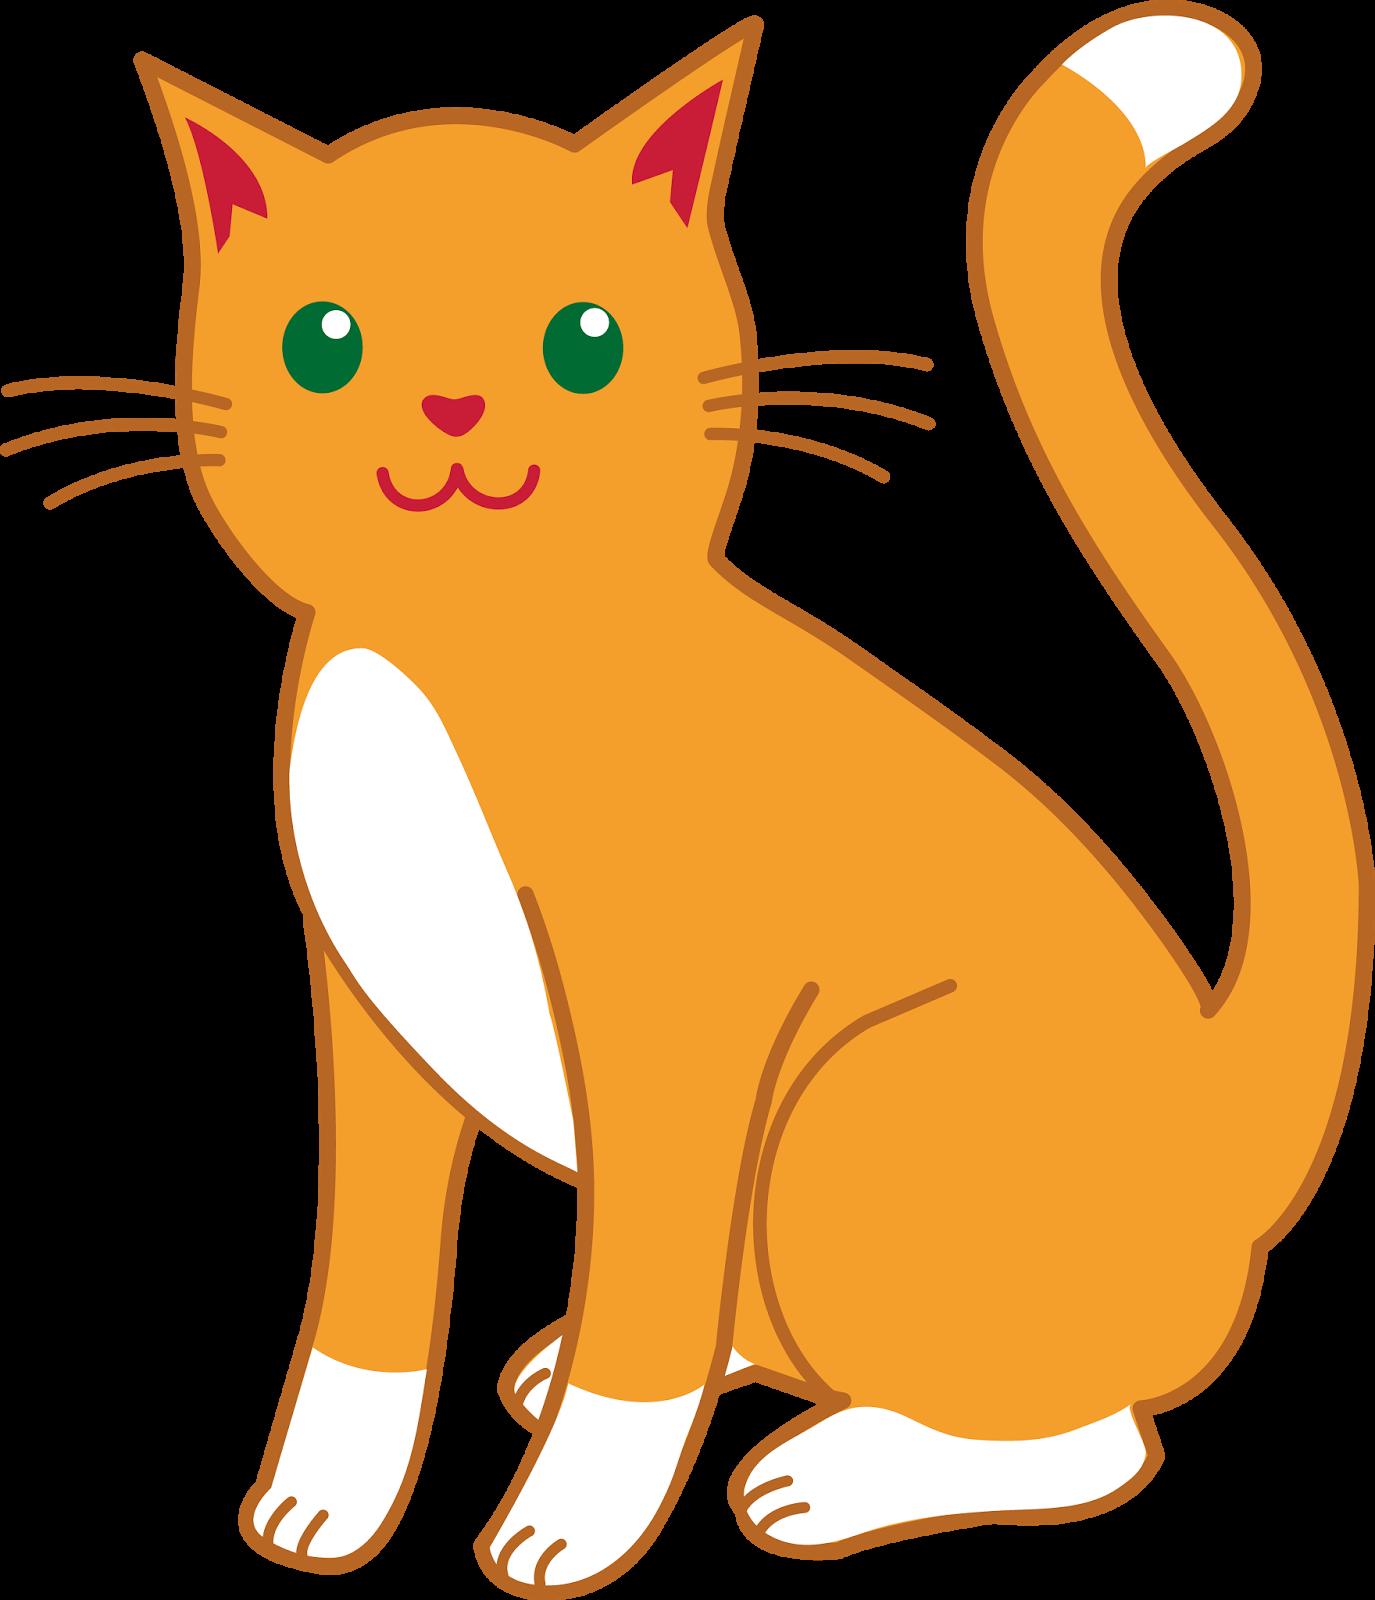 Cartoons cat clipart